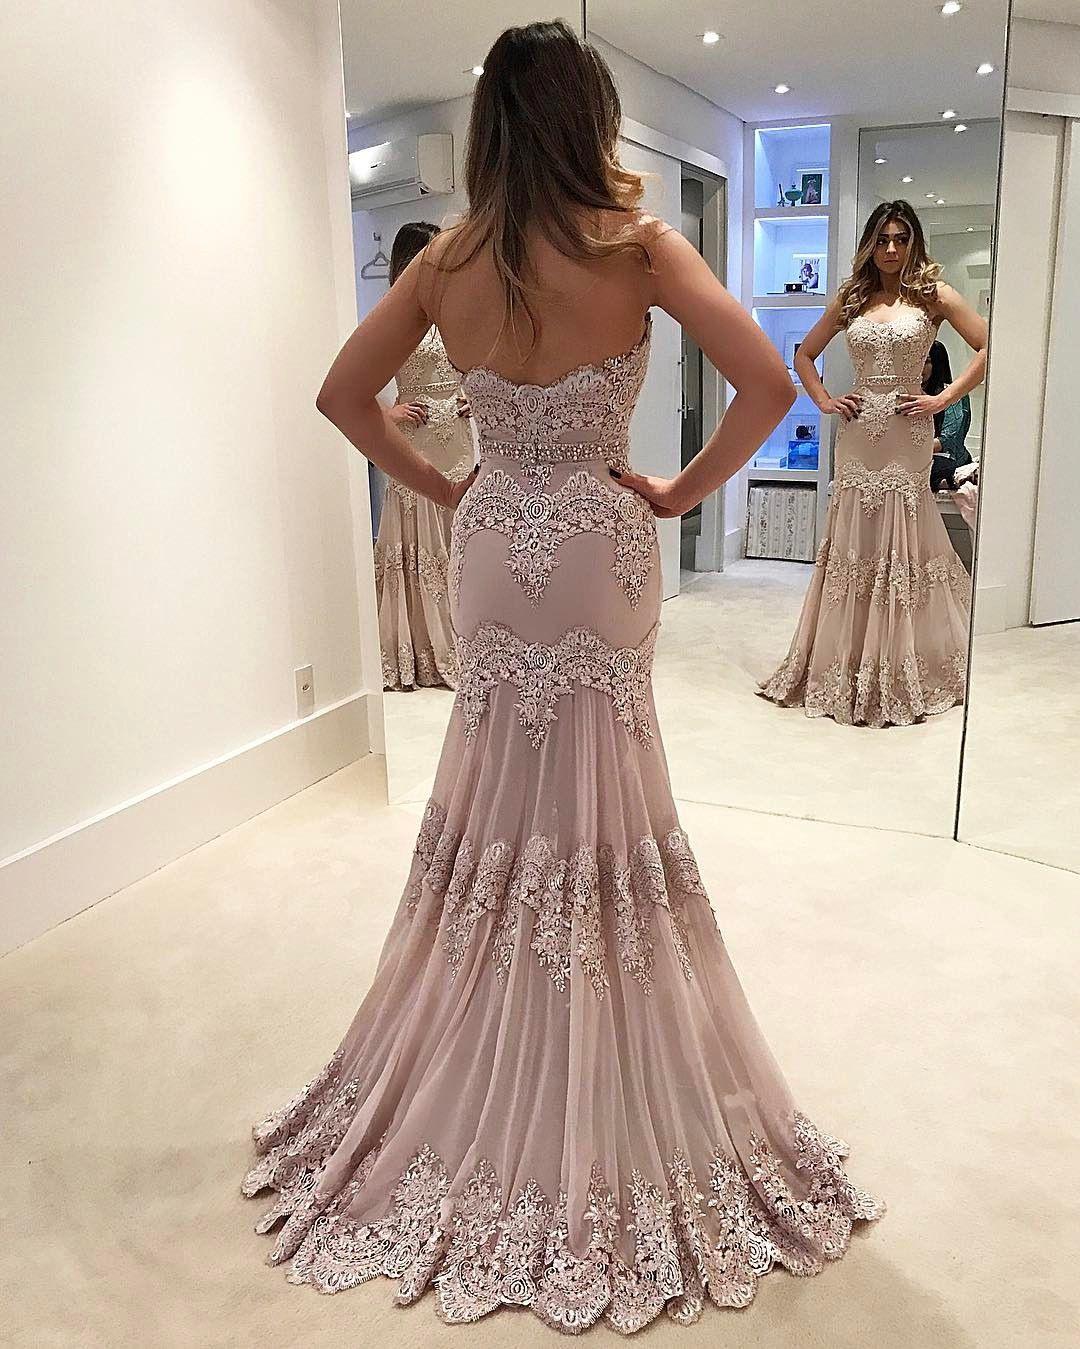 17 Kreativ Abendkleider Günstig Online Bestellen SpezialgebietAbend Schön Abendkleider Günstig Online Bestellen für 2019